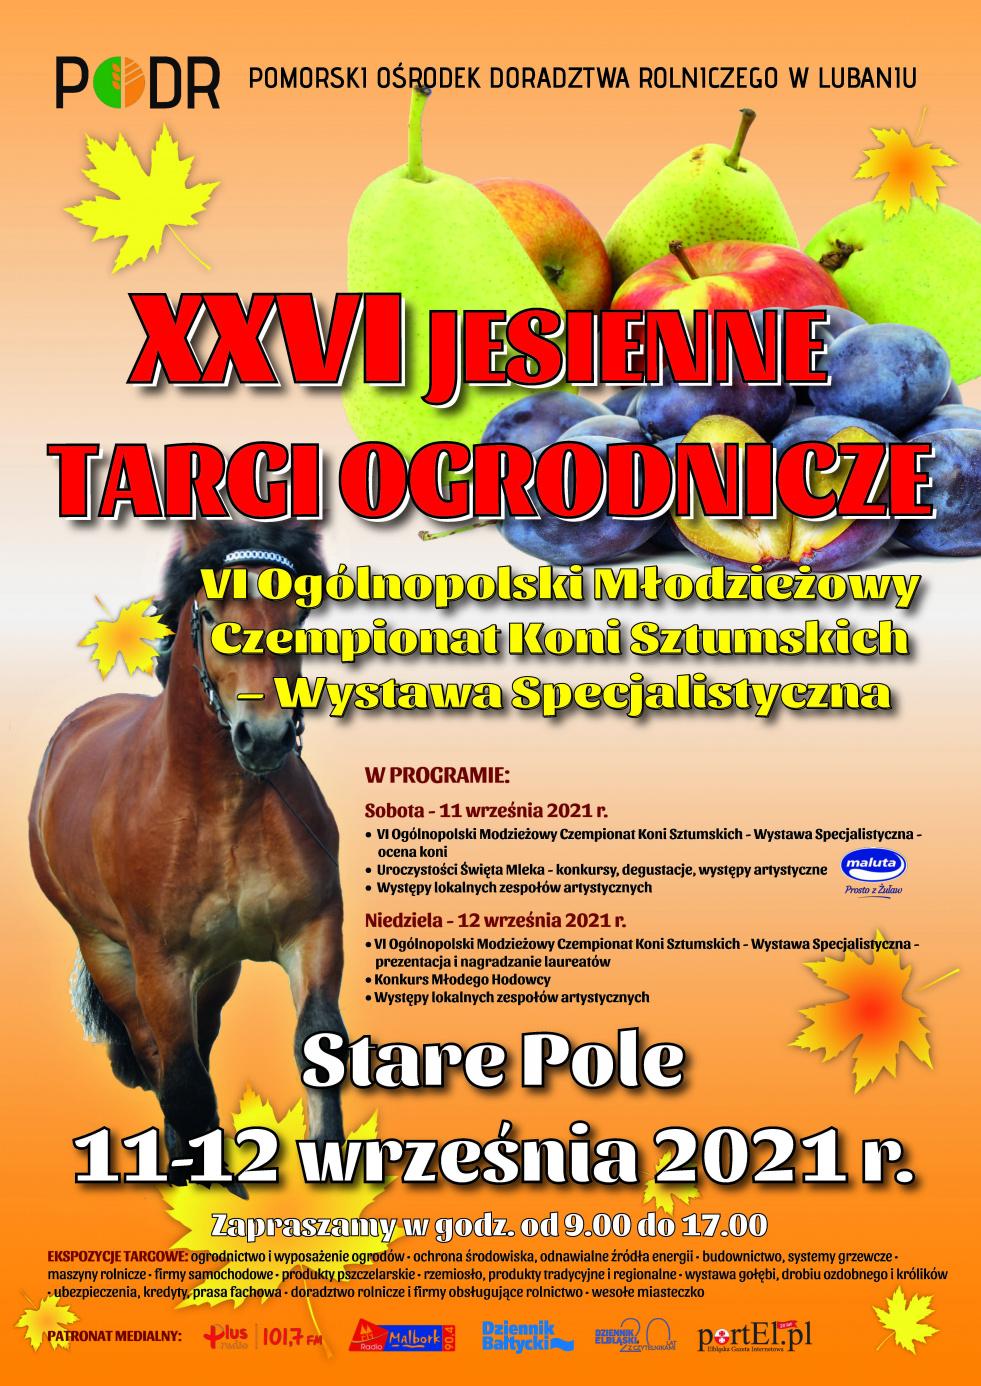 XXVI Jesienne targi ogrodnicze 11-12 września 2021 r. Stare Pole